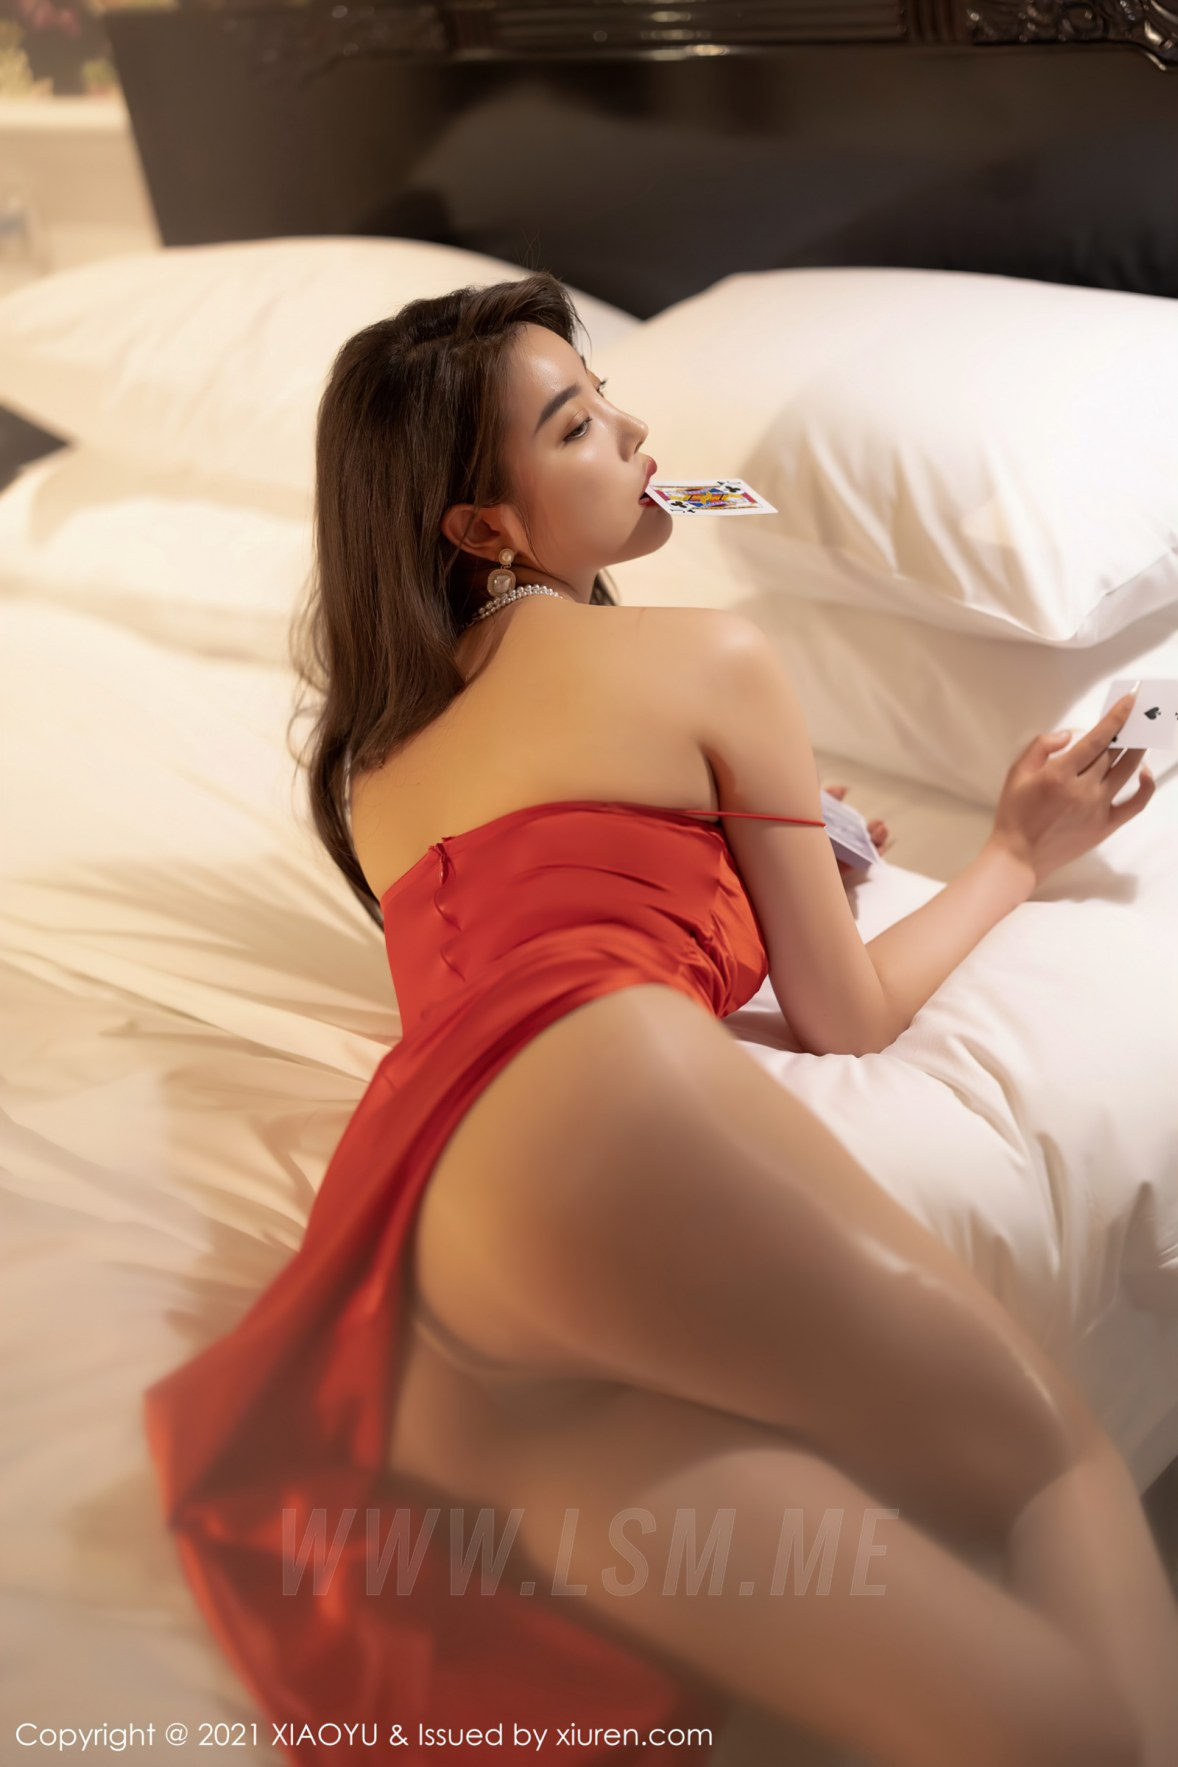 582 050 jiu 3600 5400 - XIAOYU  语画界 Vol.582 荷官女郎 杨晨晨sugar 女神写真111 - 语画界 -【免费在线写真】【丽人丝语】